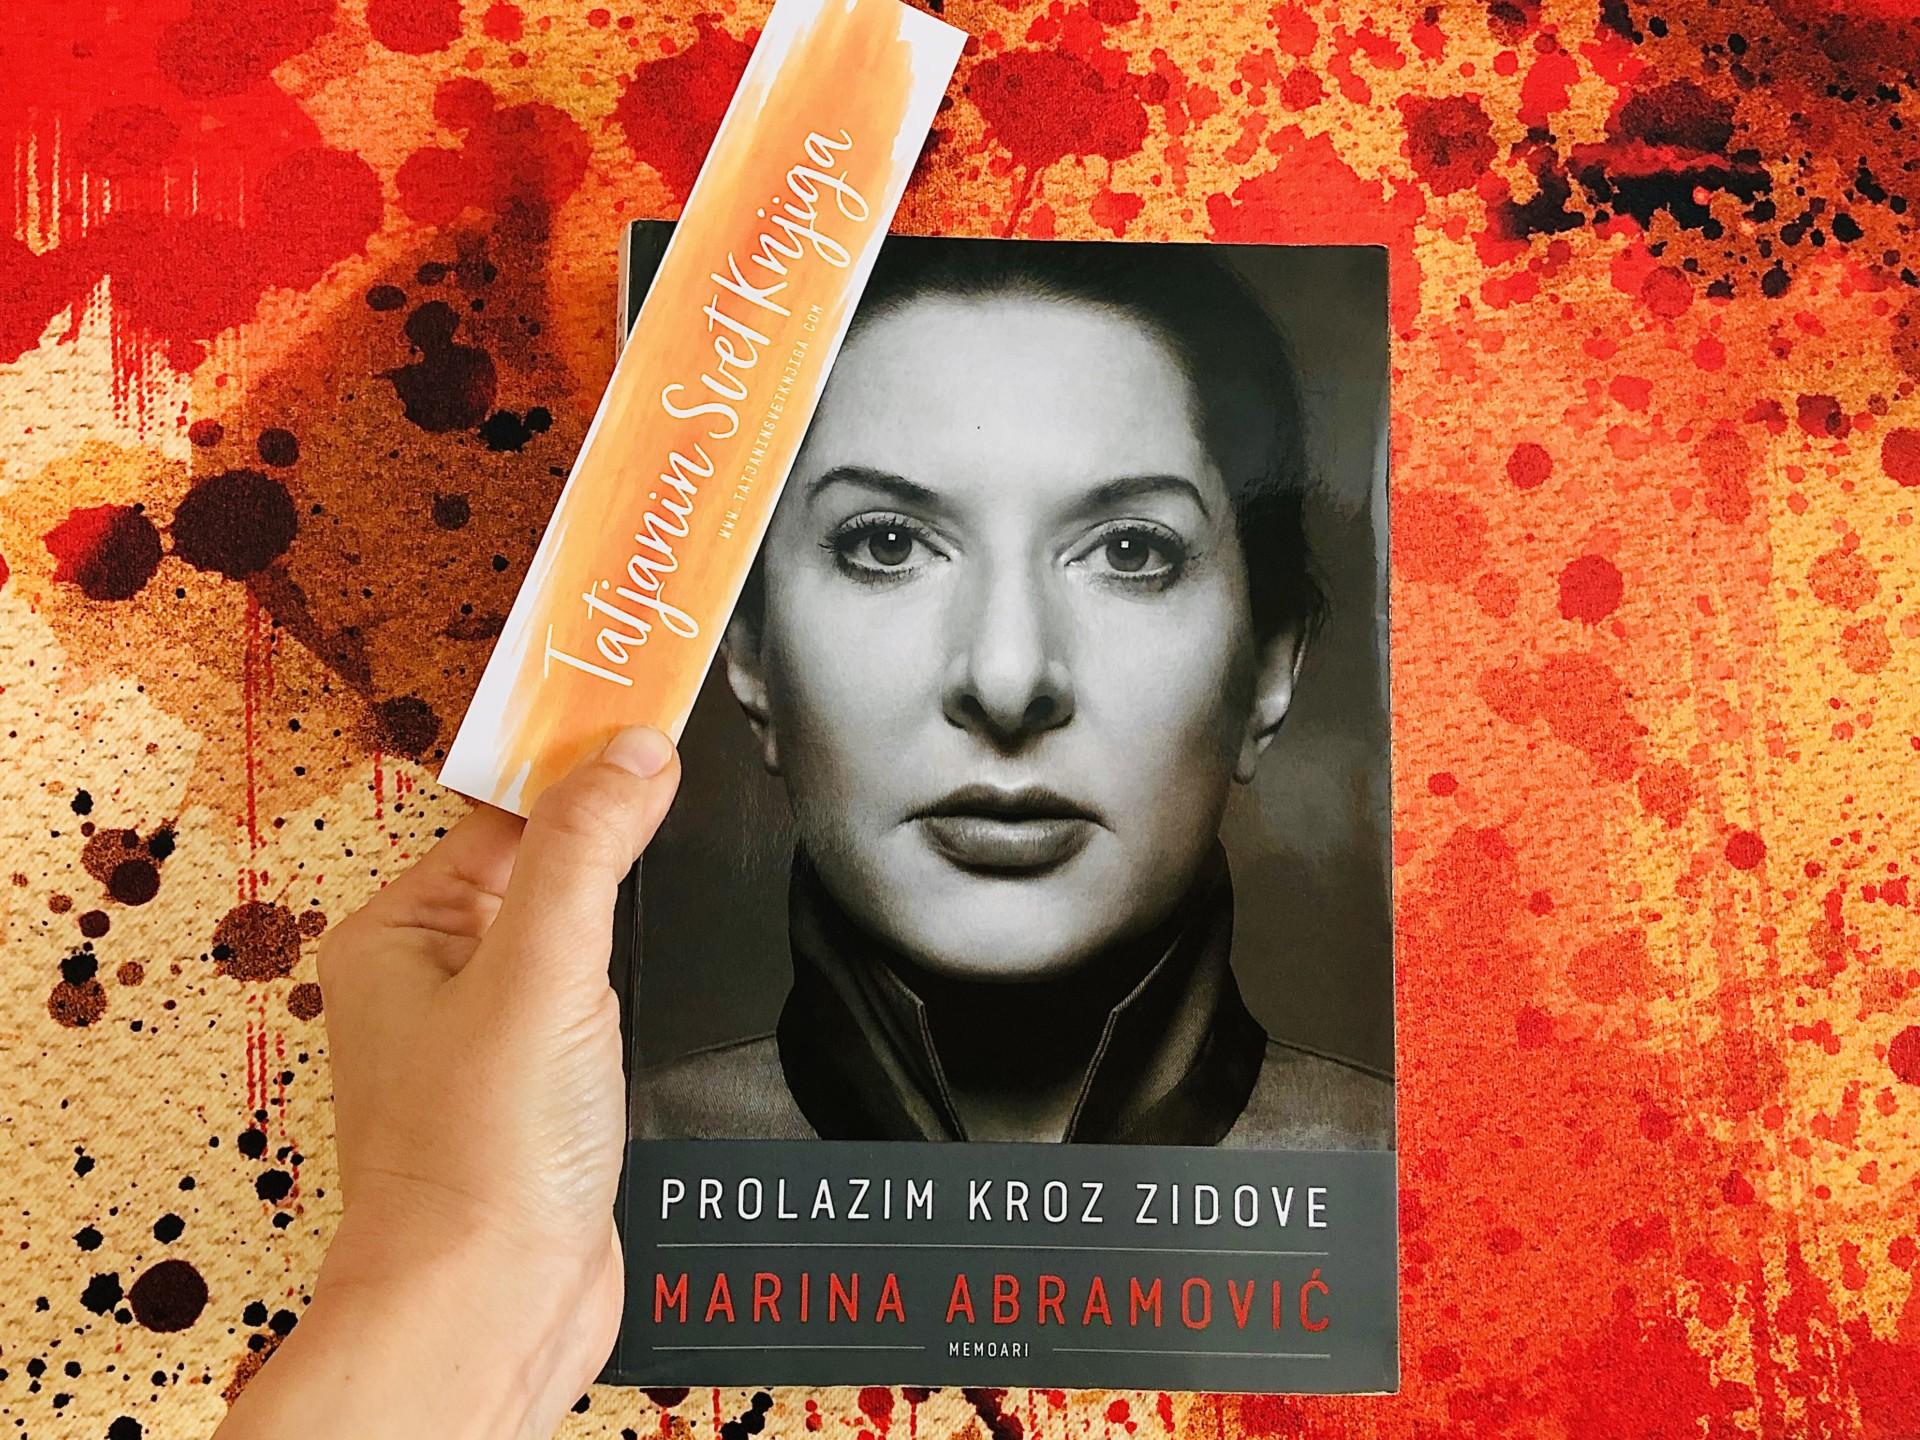 Marina Abramović: Prolazim kroz zidove